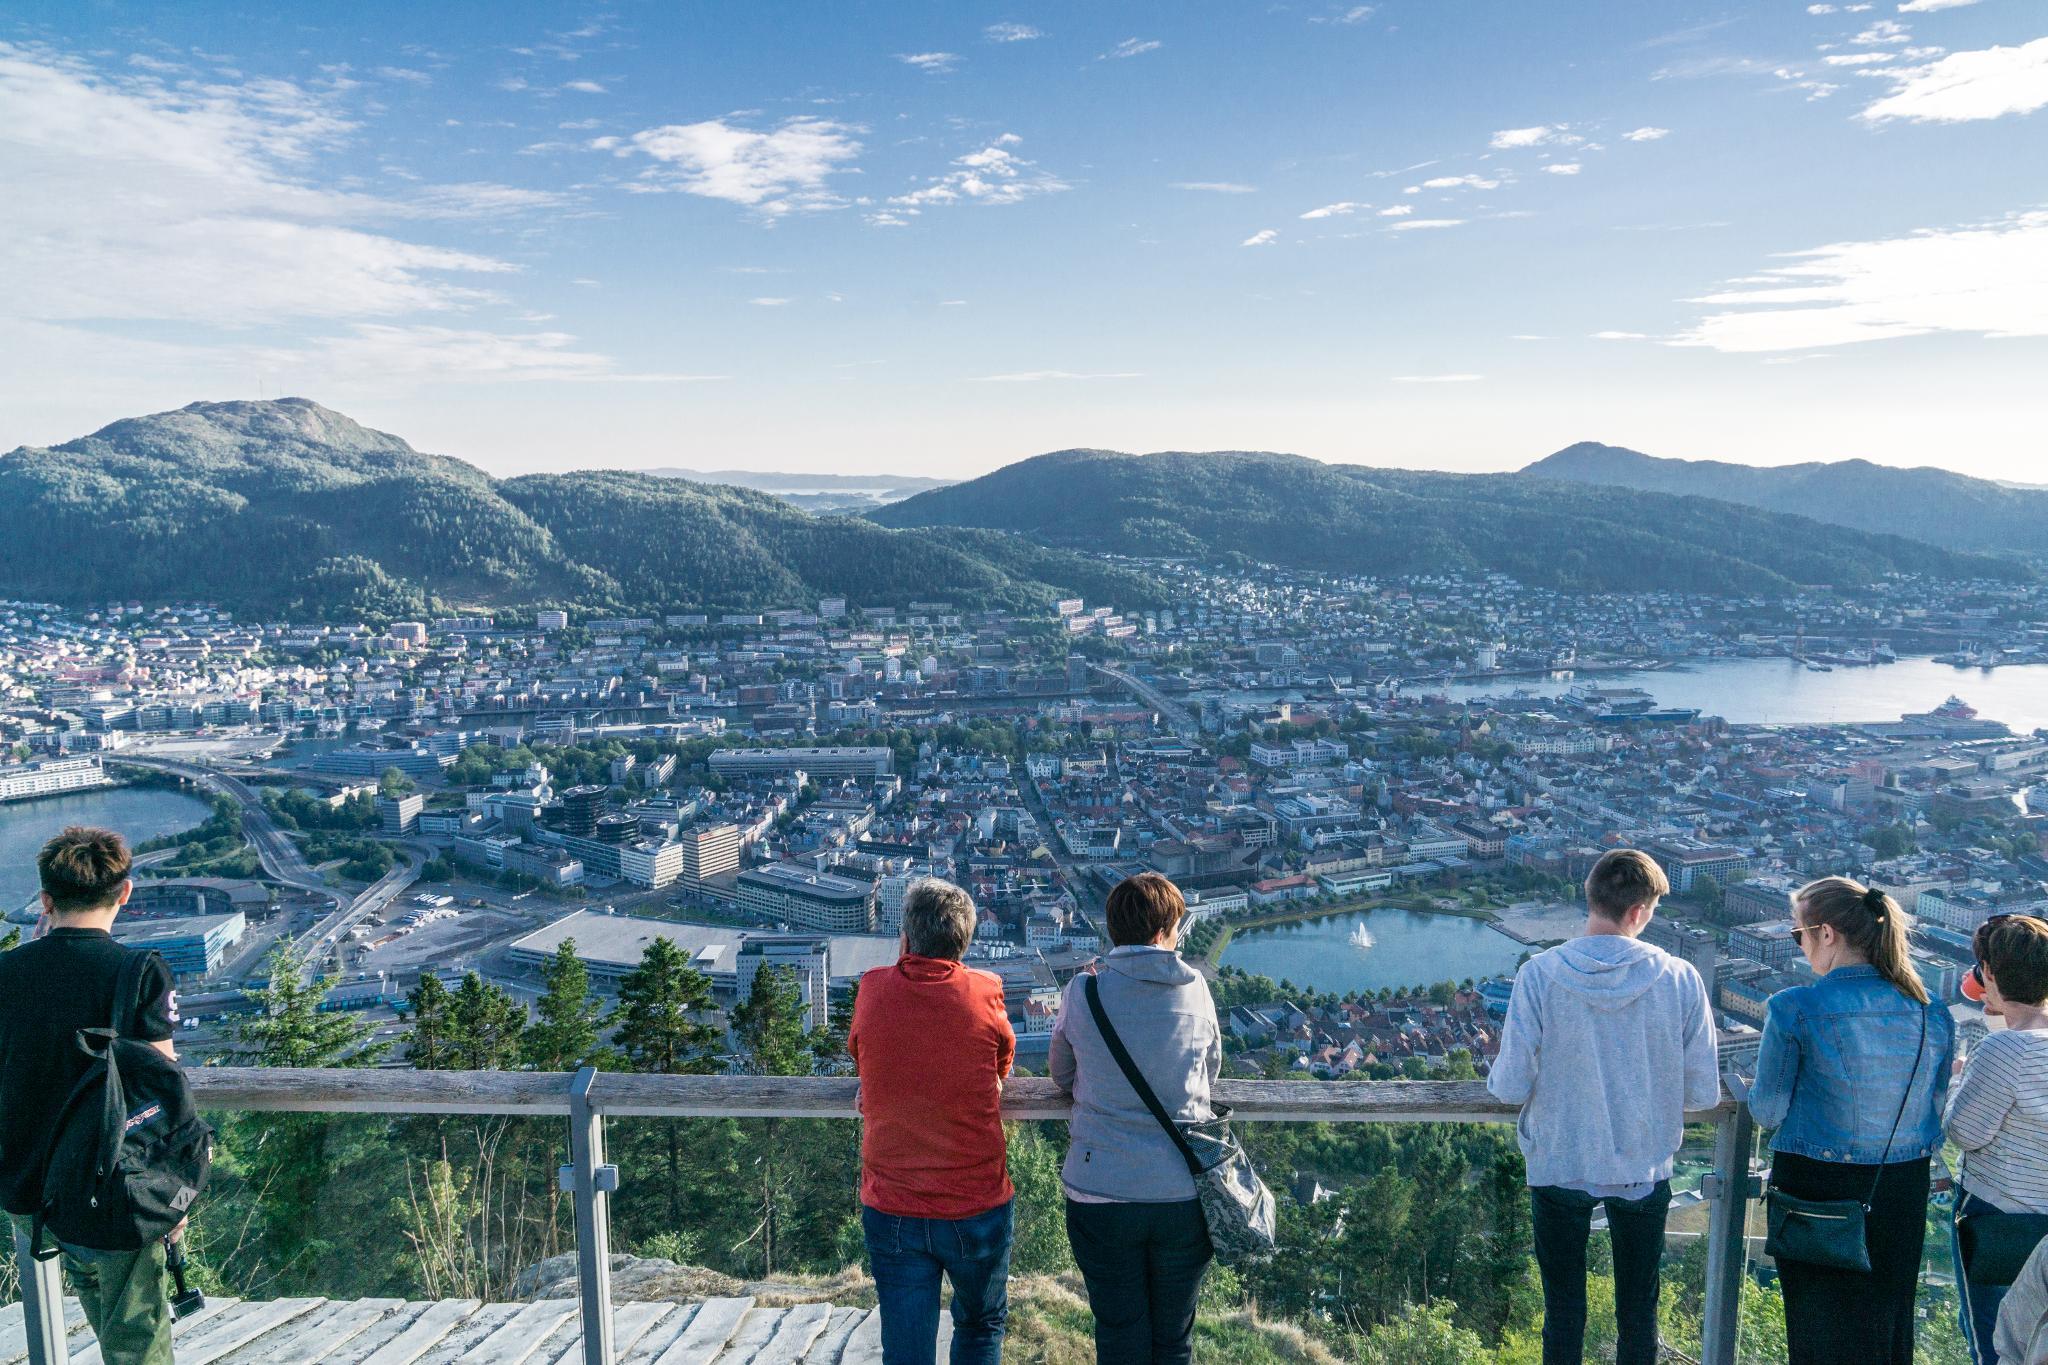 【卑爾根】Fløyen 佛洛伊恩山纜車與觀景台 — 擁抱文化港都的百萬美景 77